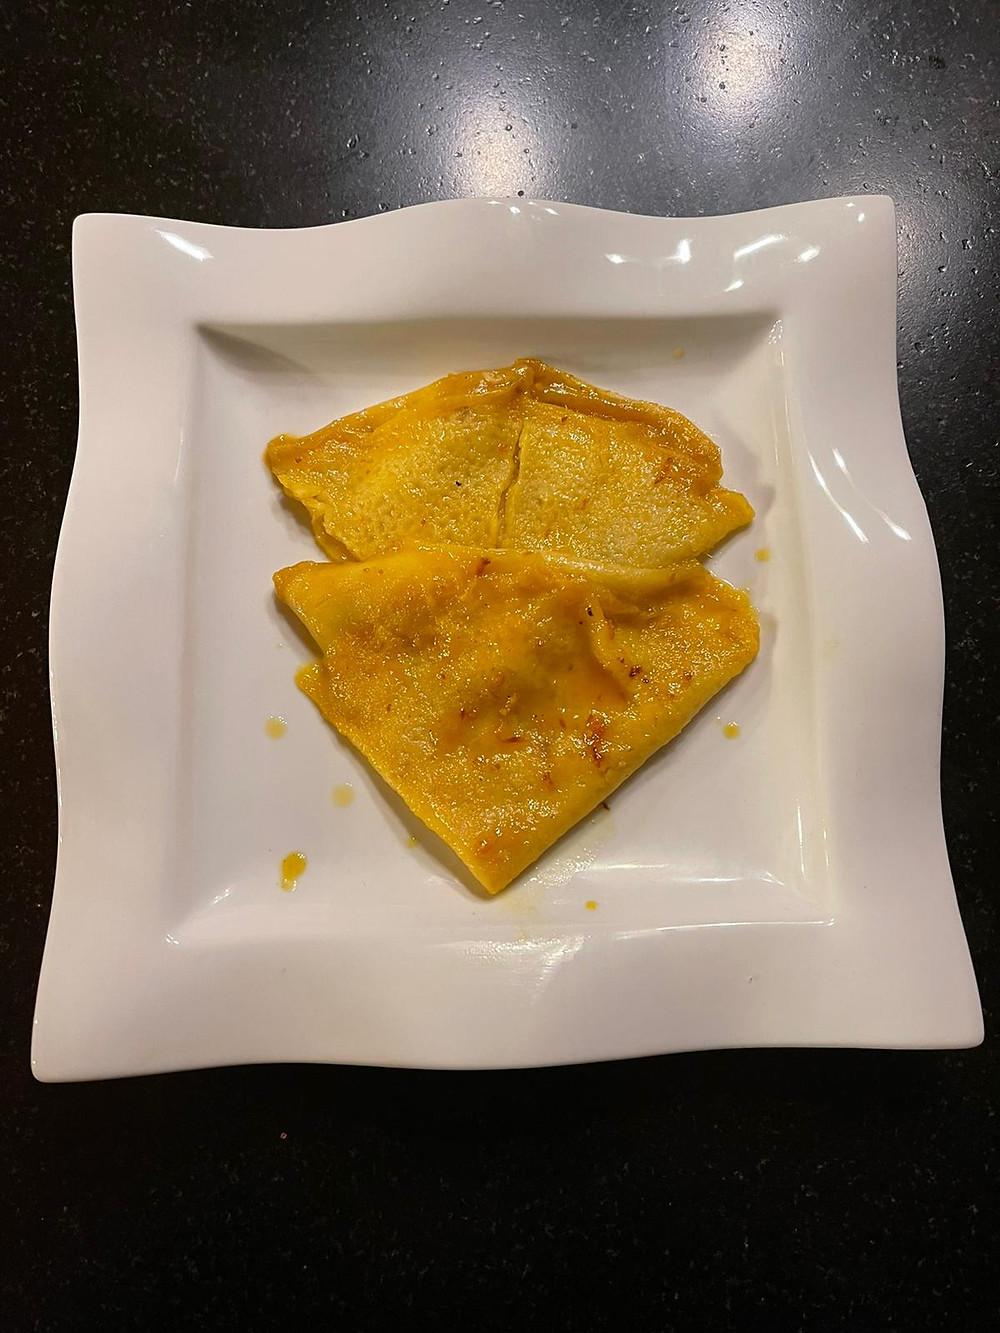 Une assiette de tartiflette avec de la décoration de noël. La recette d'un plat d'hiver à base de fromage. Accompagné d'un verre de vin blanc ou de vin rouge de chez Dis Vin. Recette de la tartiflette. Accord mets vins